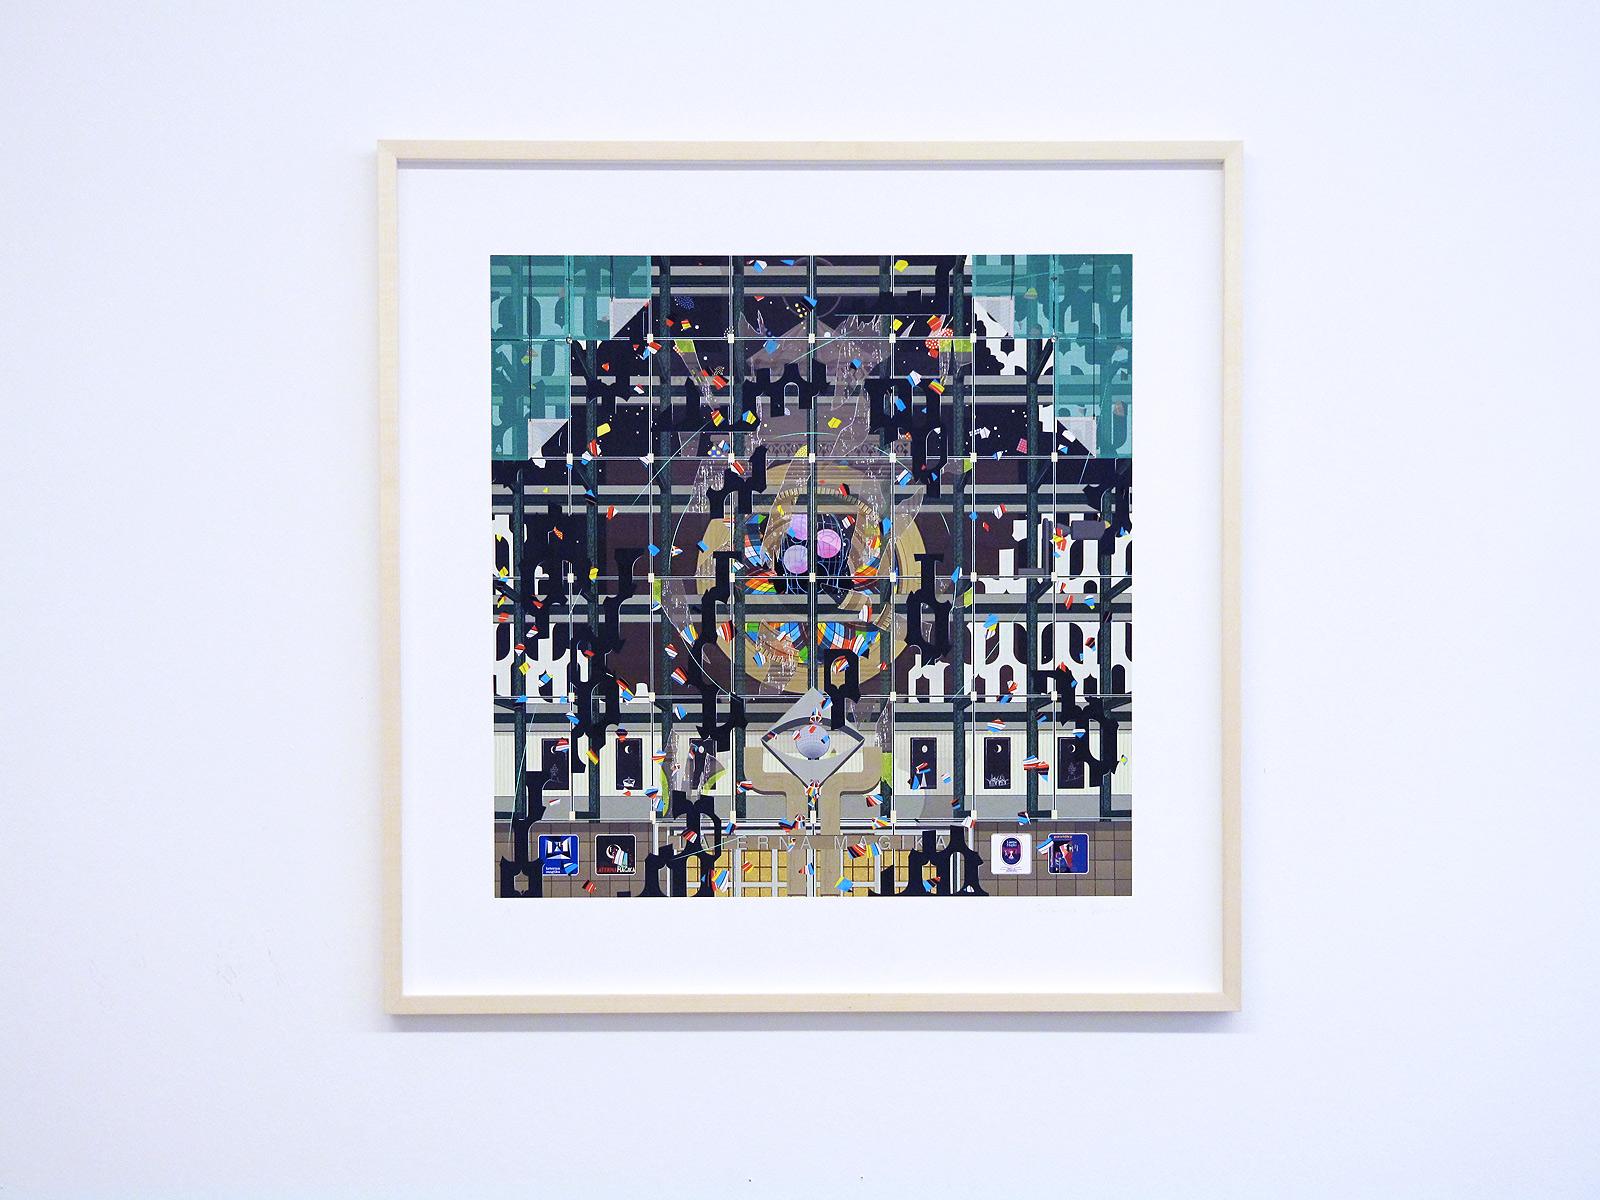 Gustav Sparr, Laterna Magika, 2014, both Inkjet print, ed. 9+2, 90 x 95 cm